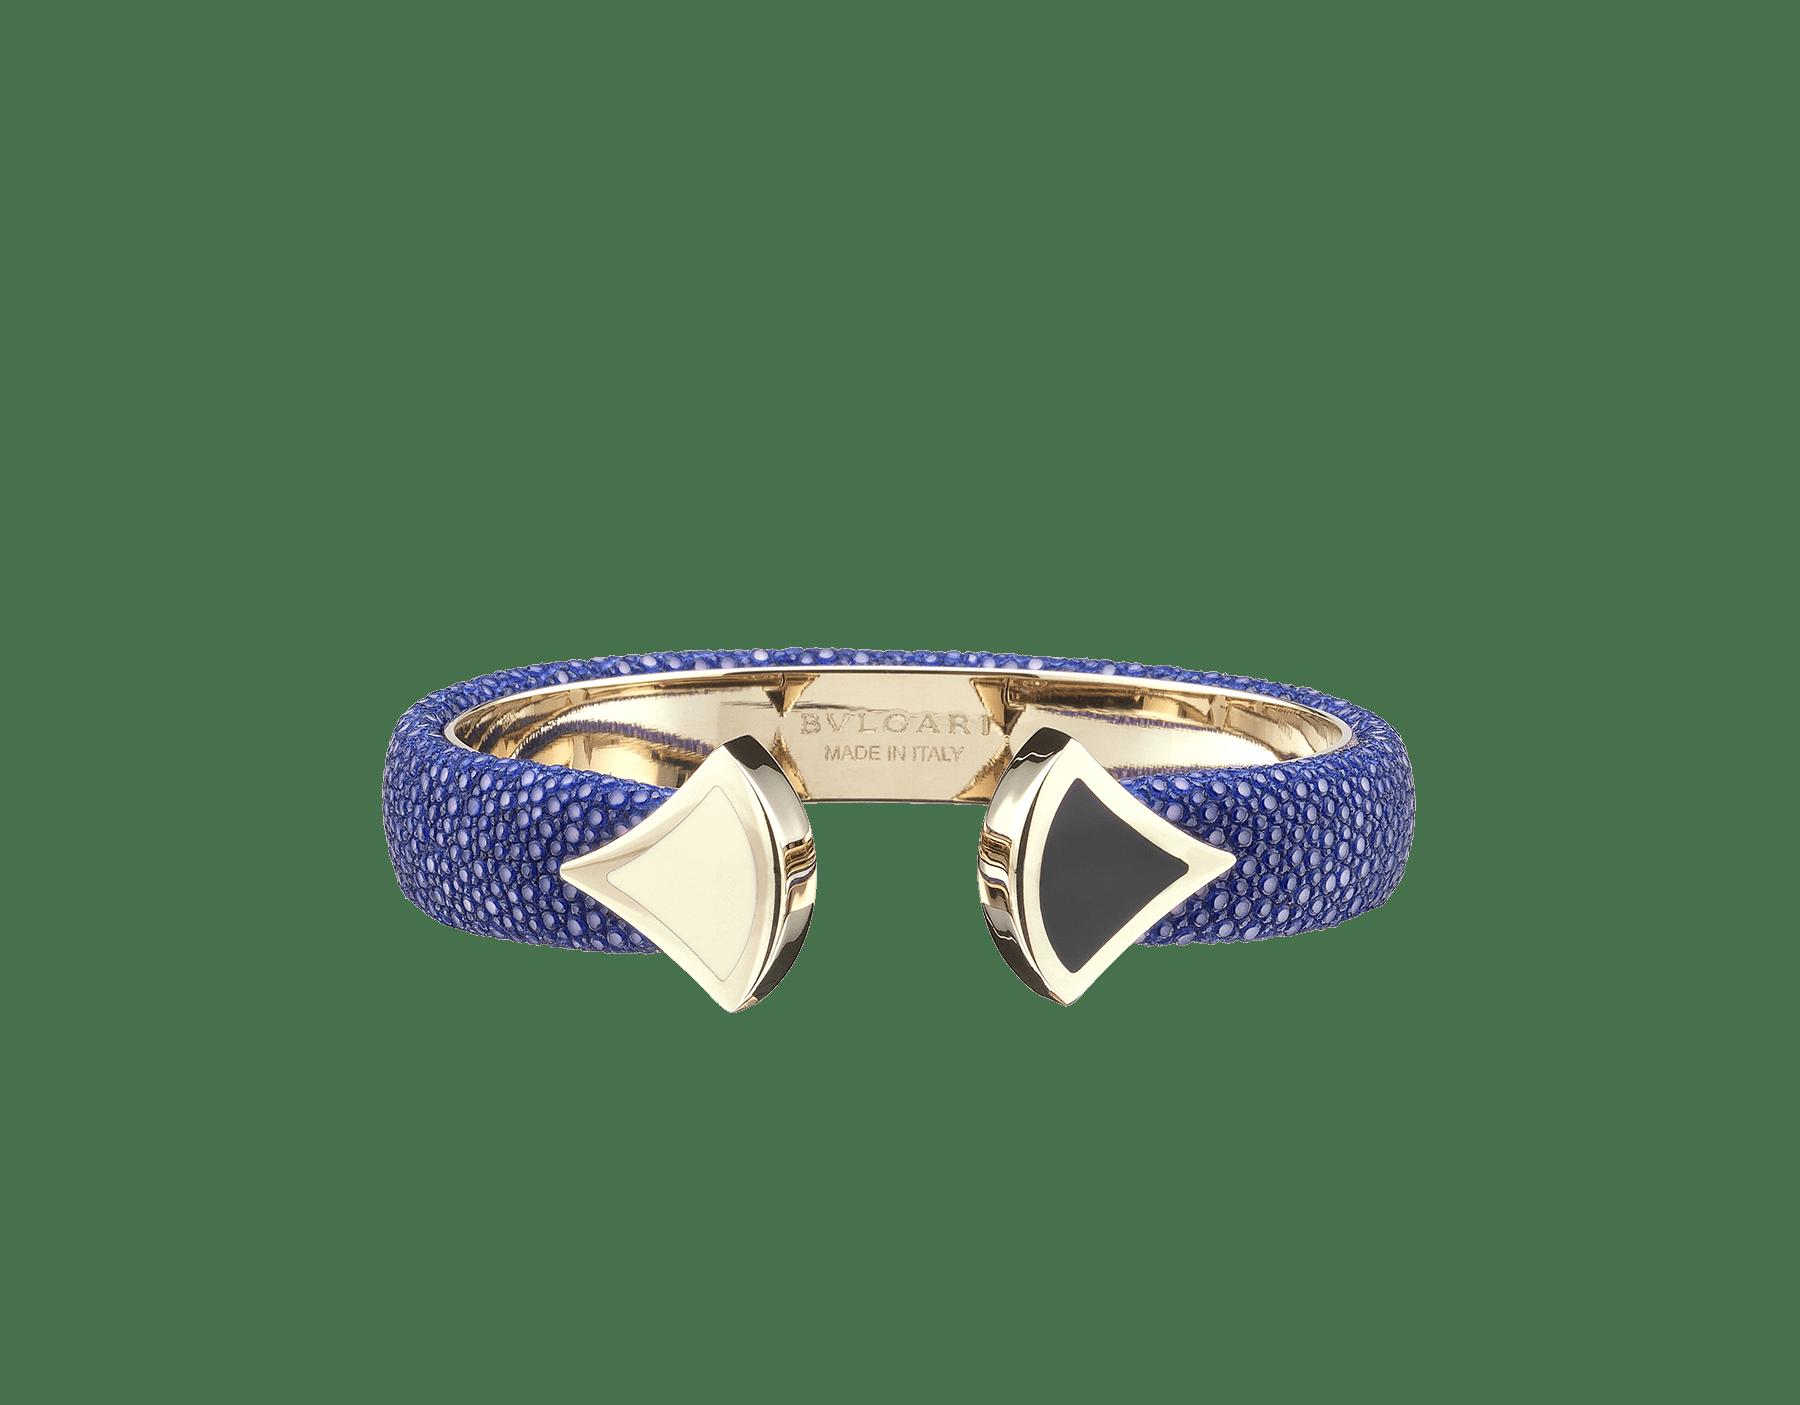 Pulsera de piel de galuchat color jade glicinia con emblemático cierre Contraire con motivo DIVAS' DREAM de latón bañado en oro claro y esmalte blanco y negro. DIVA-CONTRAIR-S image 2